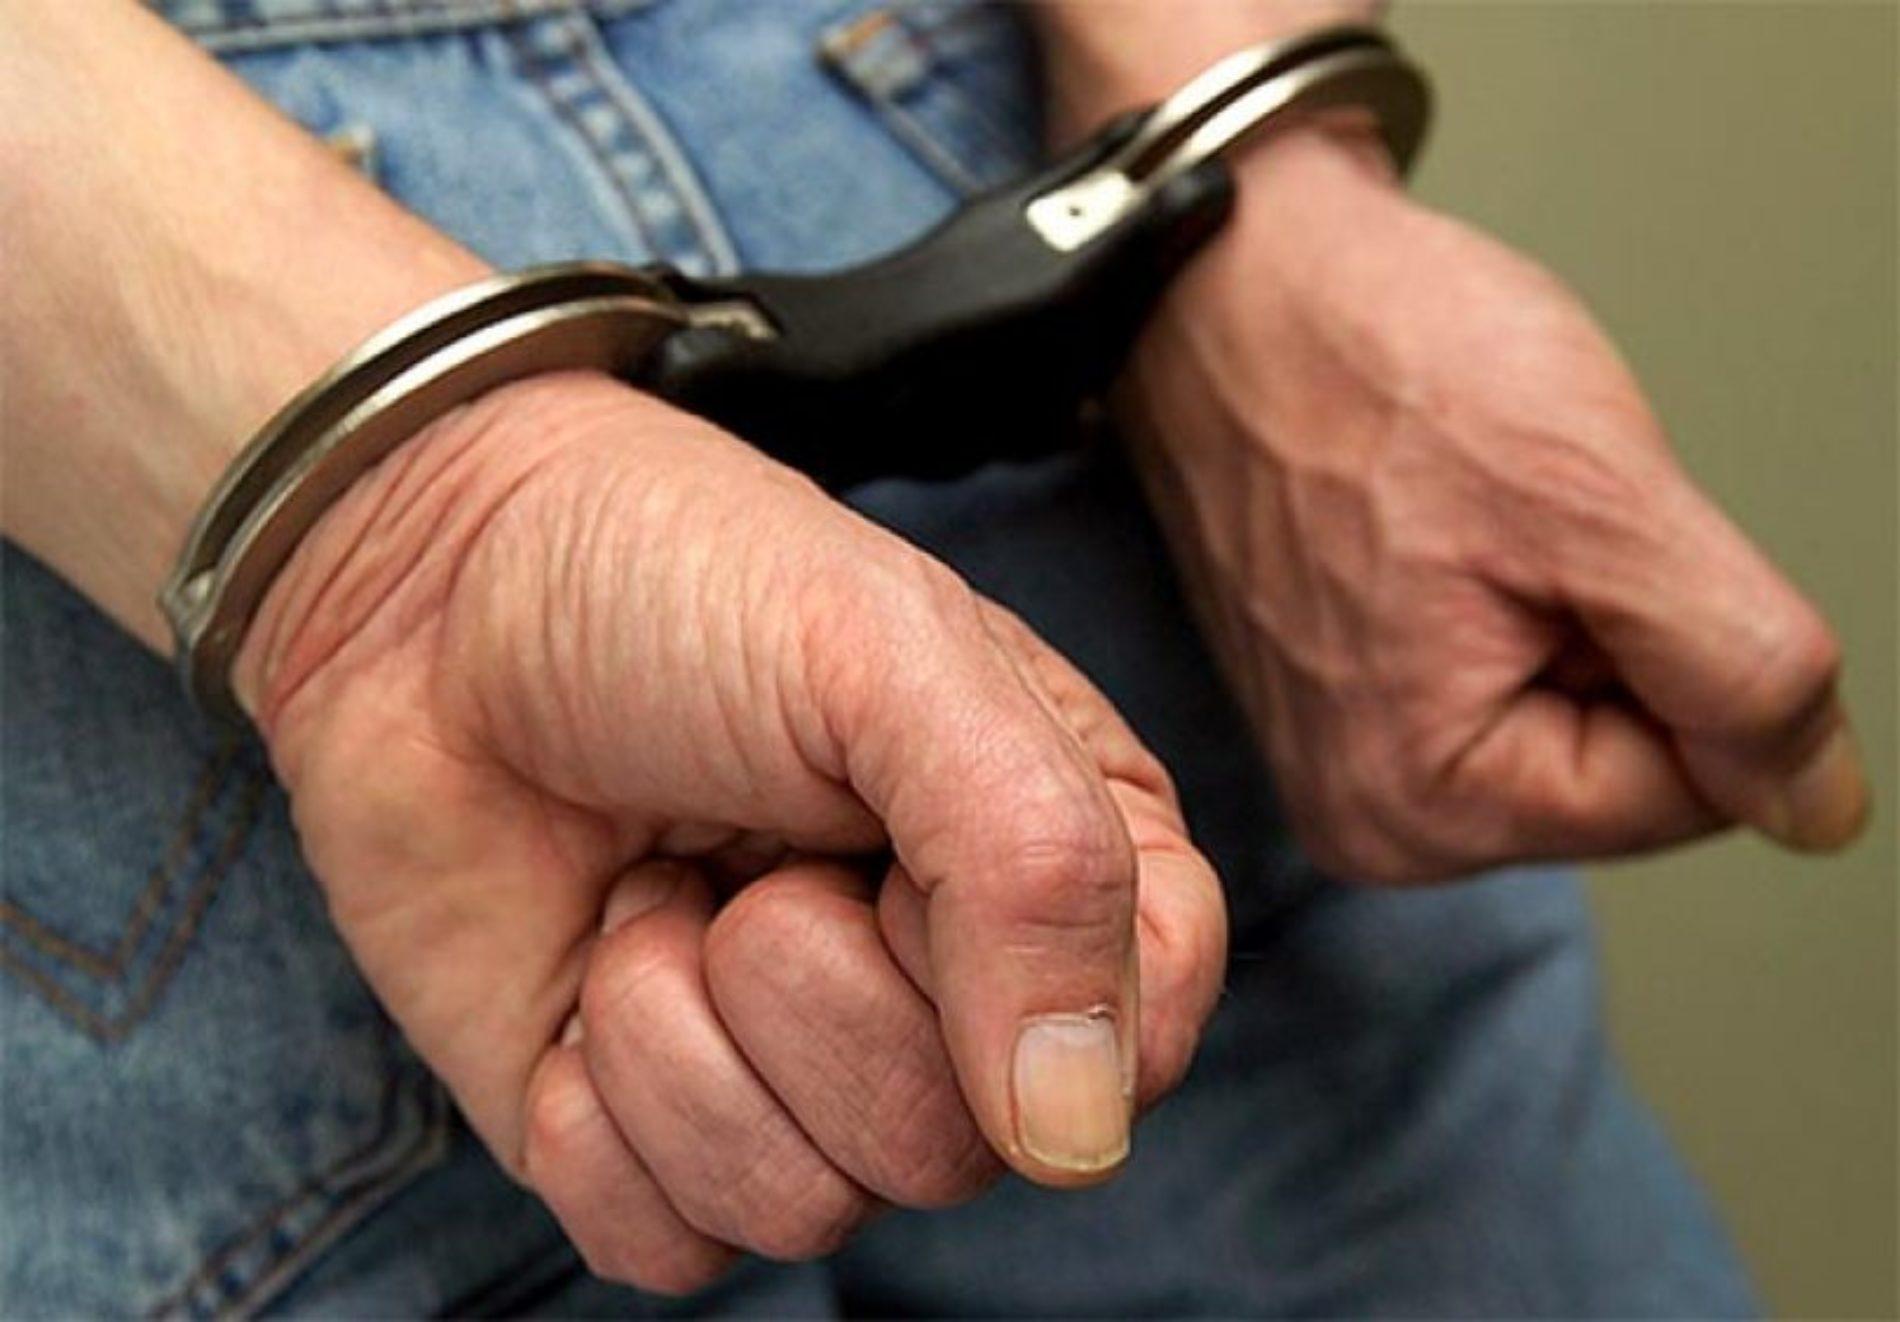 Detenção por crimes de incêndio em ecopontos na cidade de Aveiro